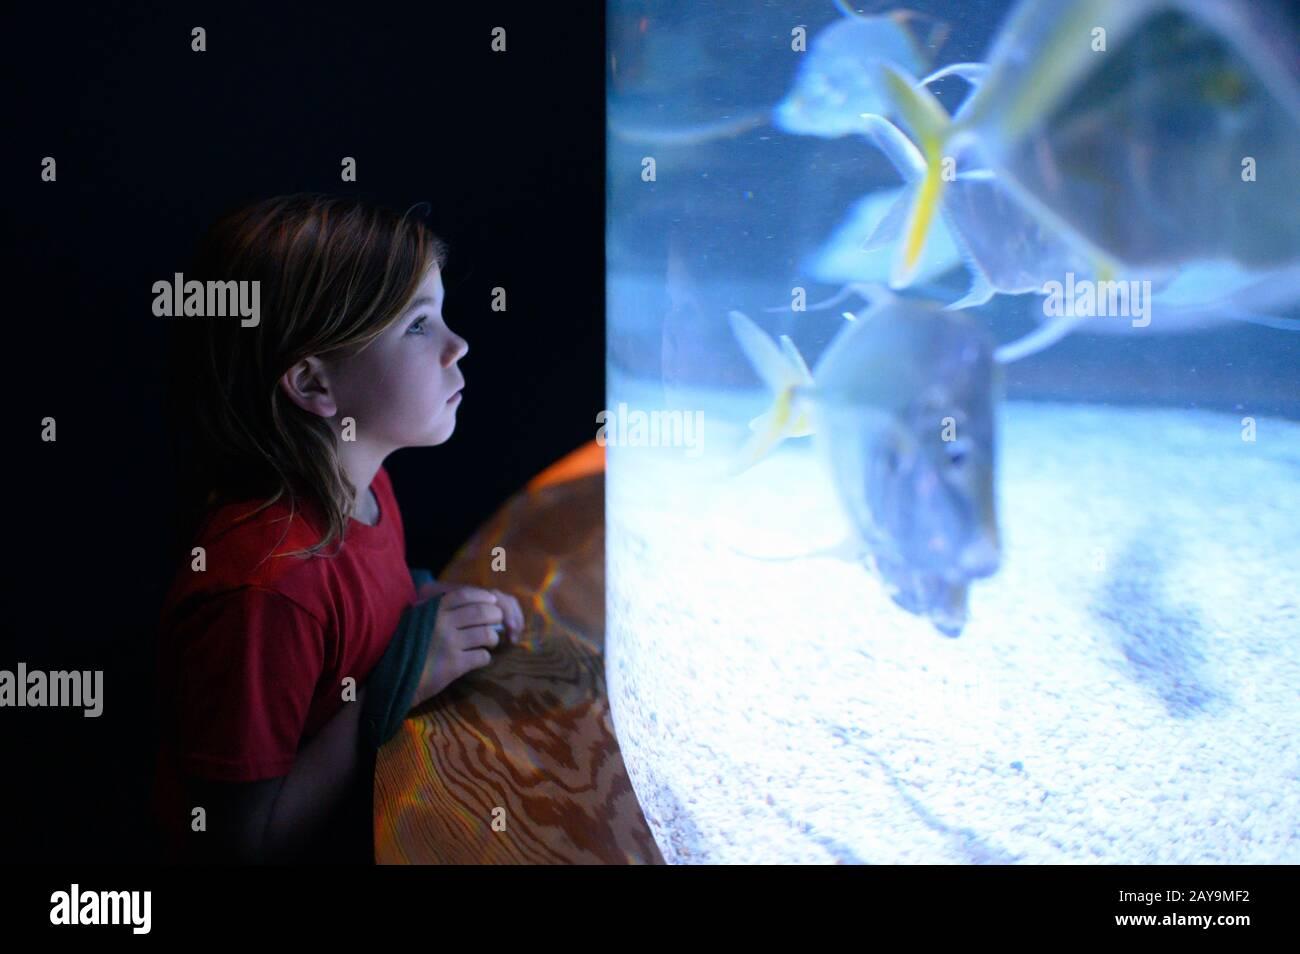 Profil du garçon en chemise rouge regardant le réservoir de poisson dans l'aquarium Banque D'Images